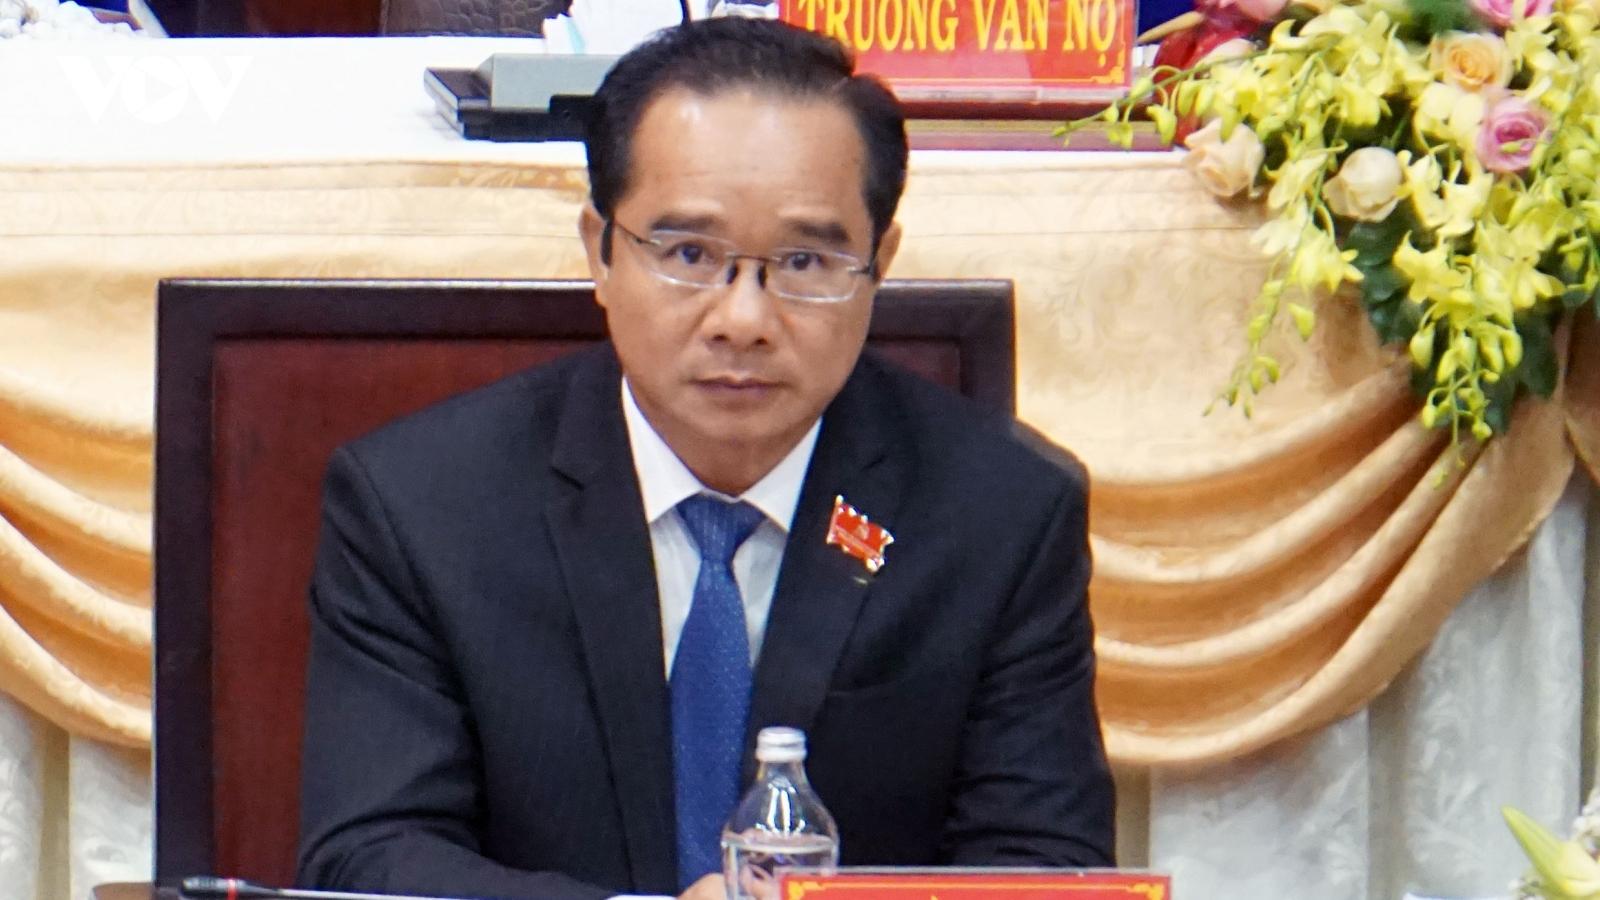 Ông Nguyễn Văn Được trúng cử Bí thư Tỉnh ủy Long An